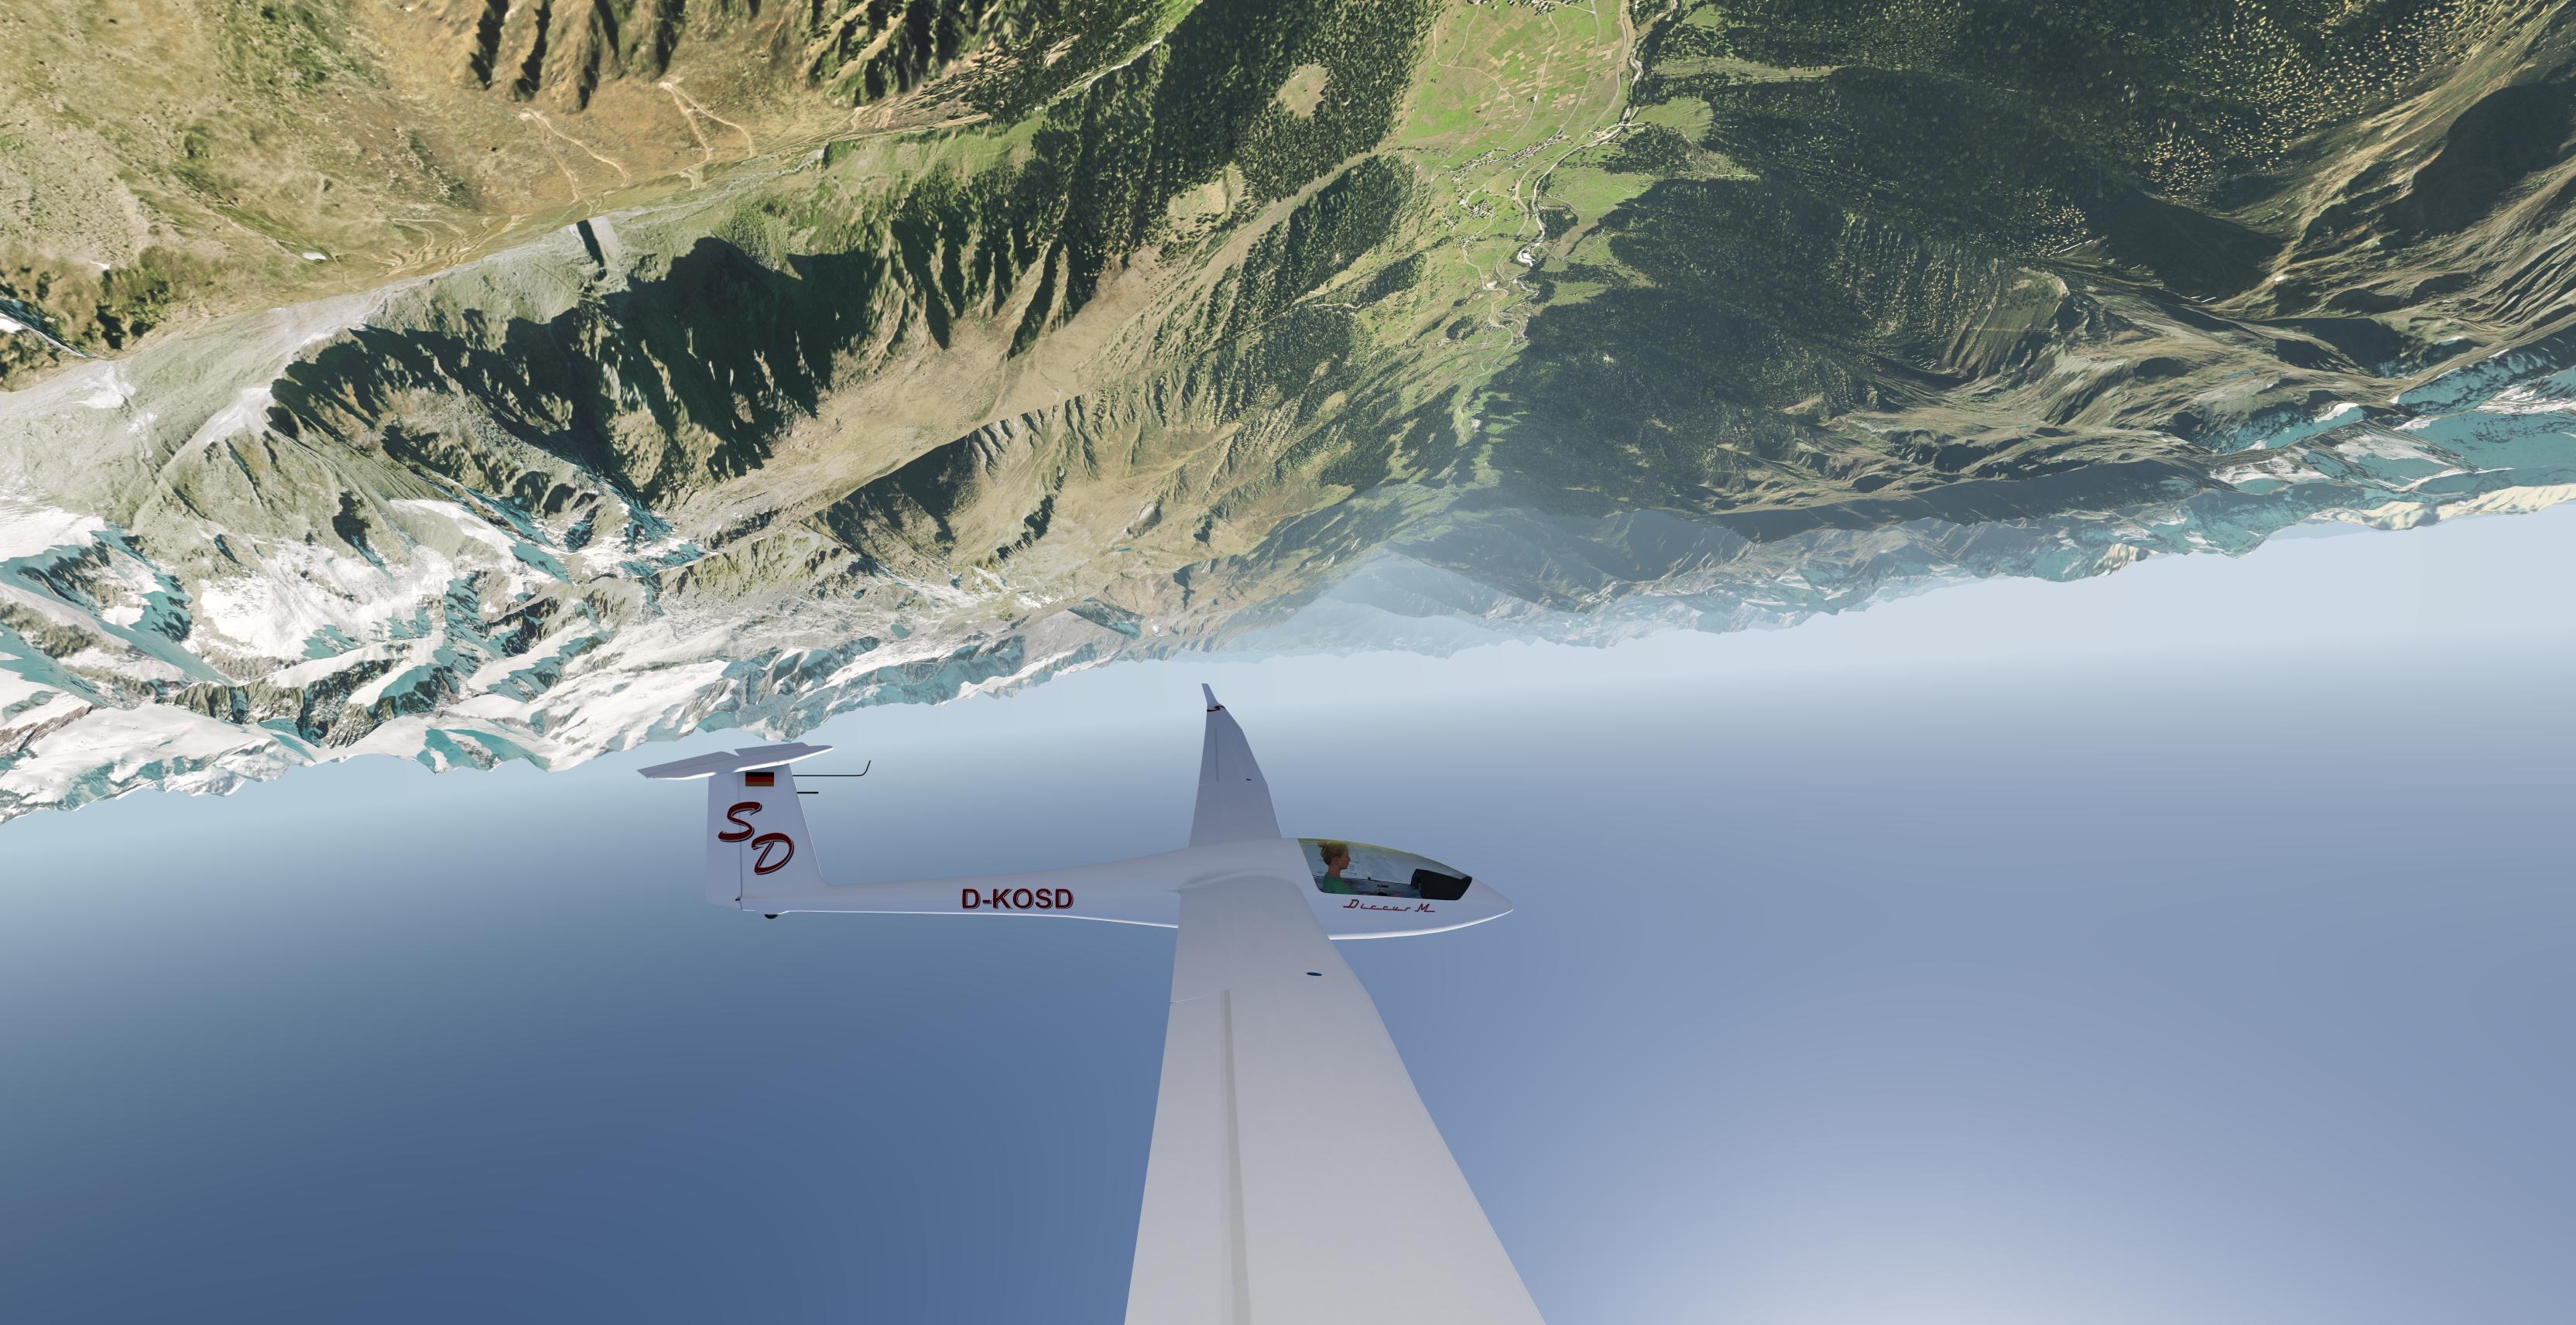 Discus bM - Rückenflug in den Bergen